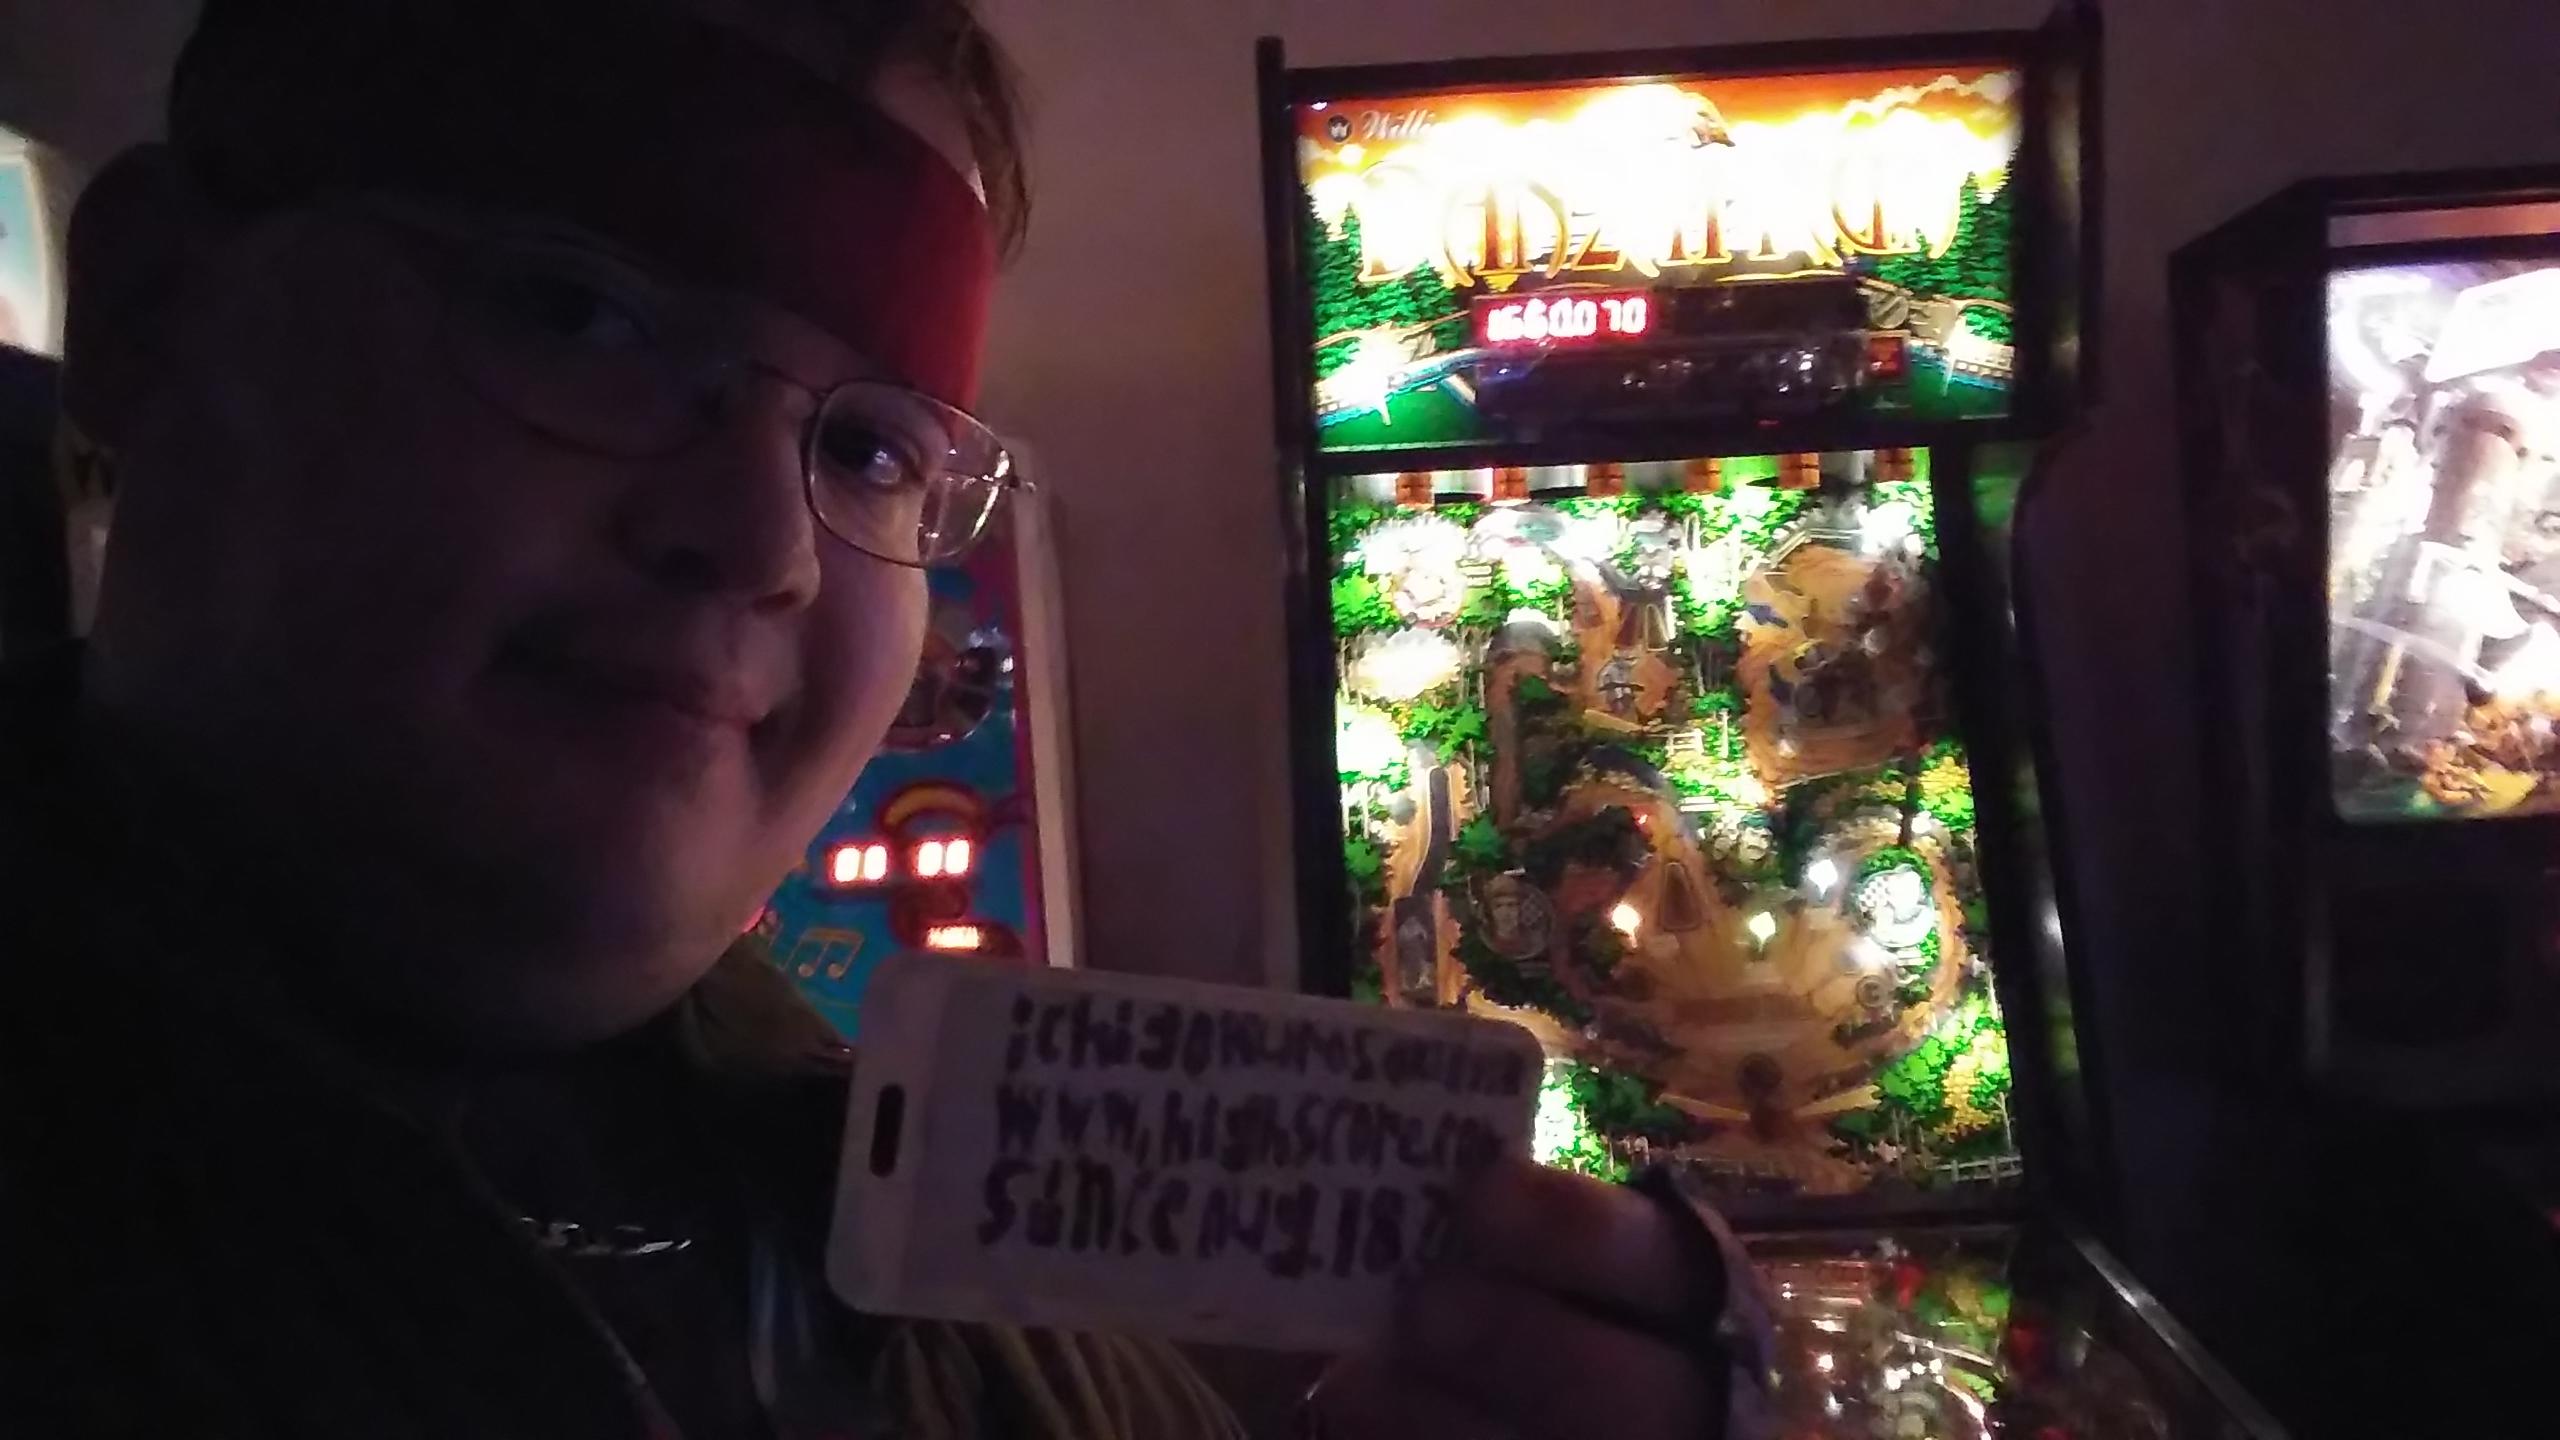 ichigokurosaki1991: Banzai Run (Pinball: 3 Balls) 1,660,070 points on 2016-11-27 04:52:23